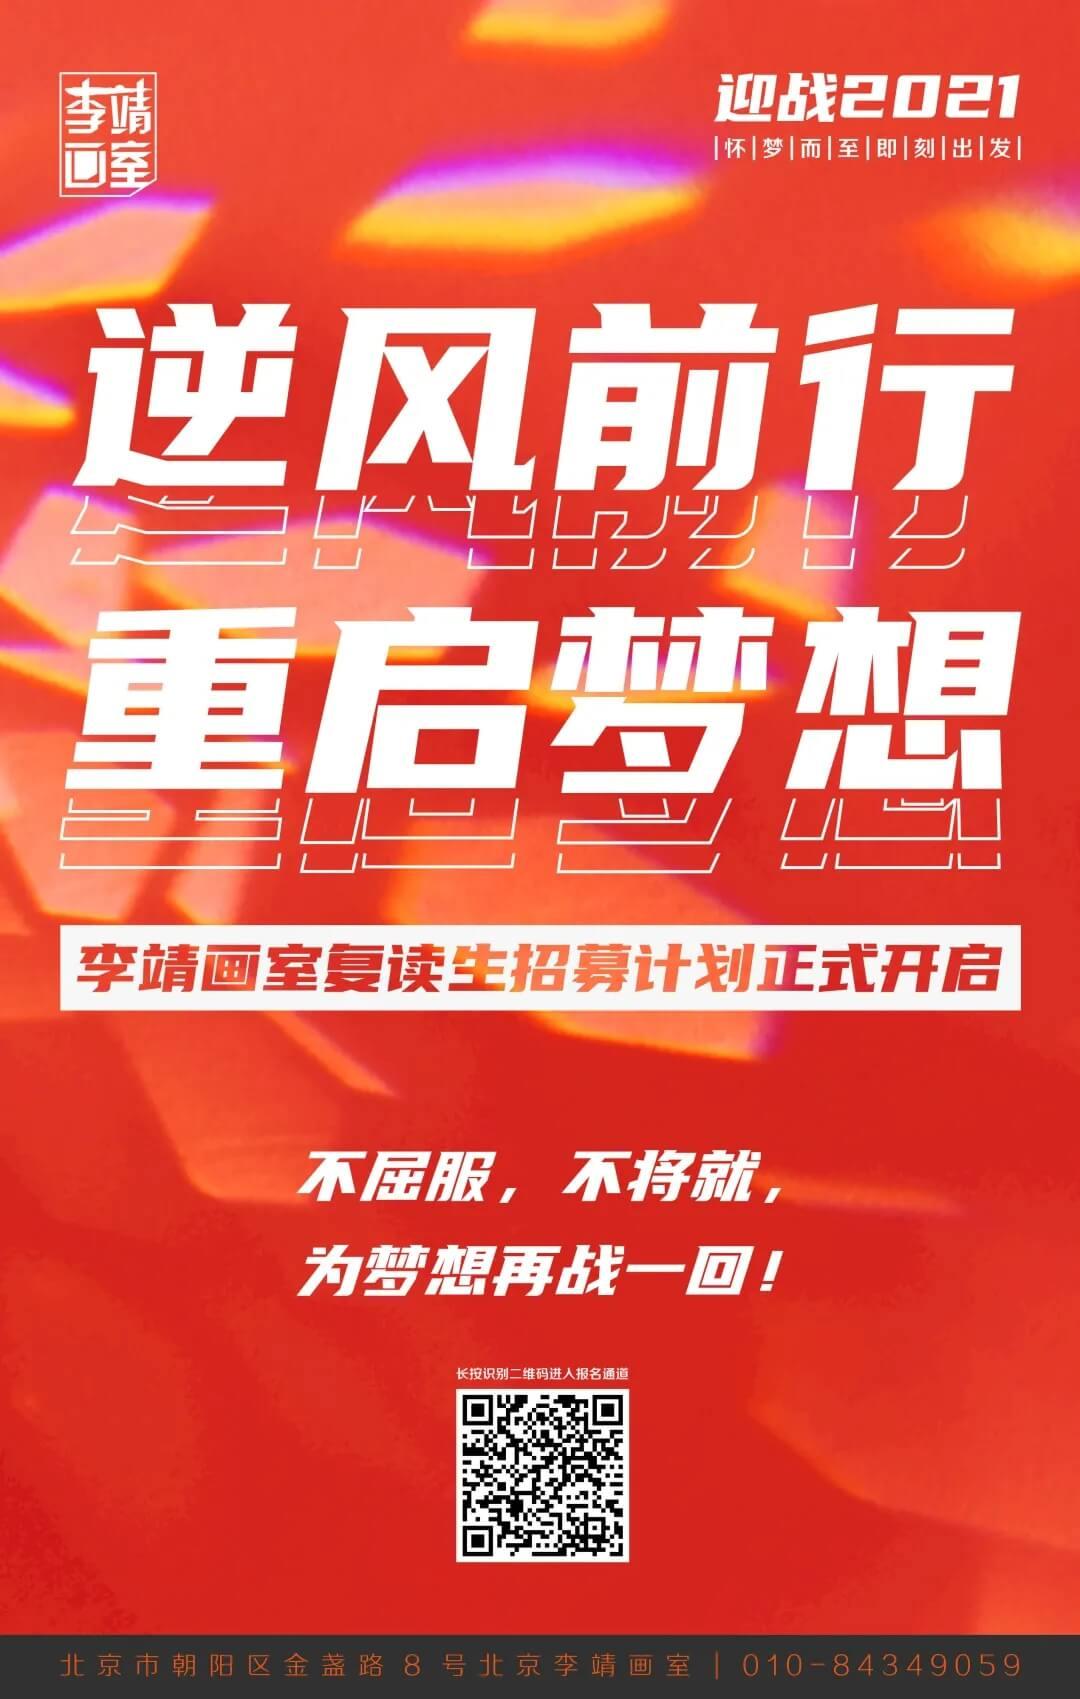 北京画室,北京美术画室,北京画室招生,01